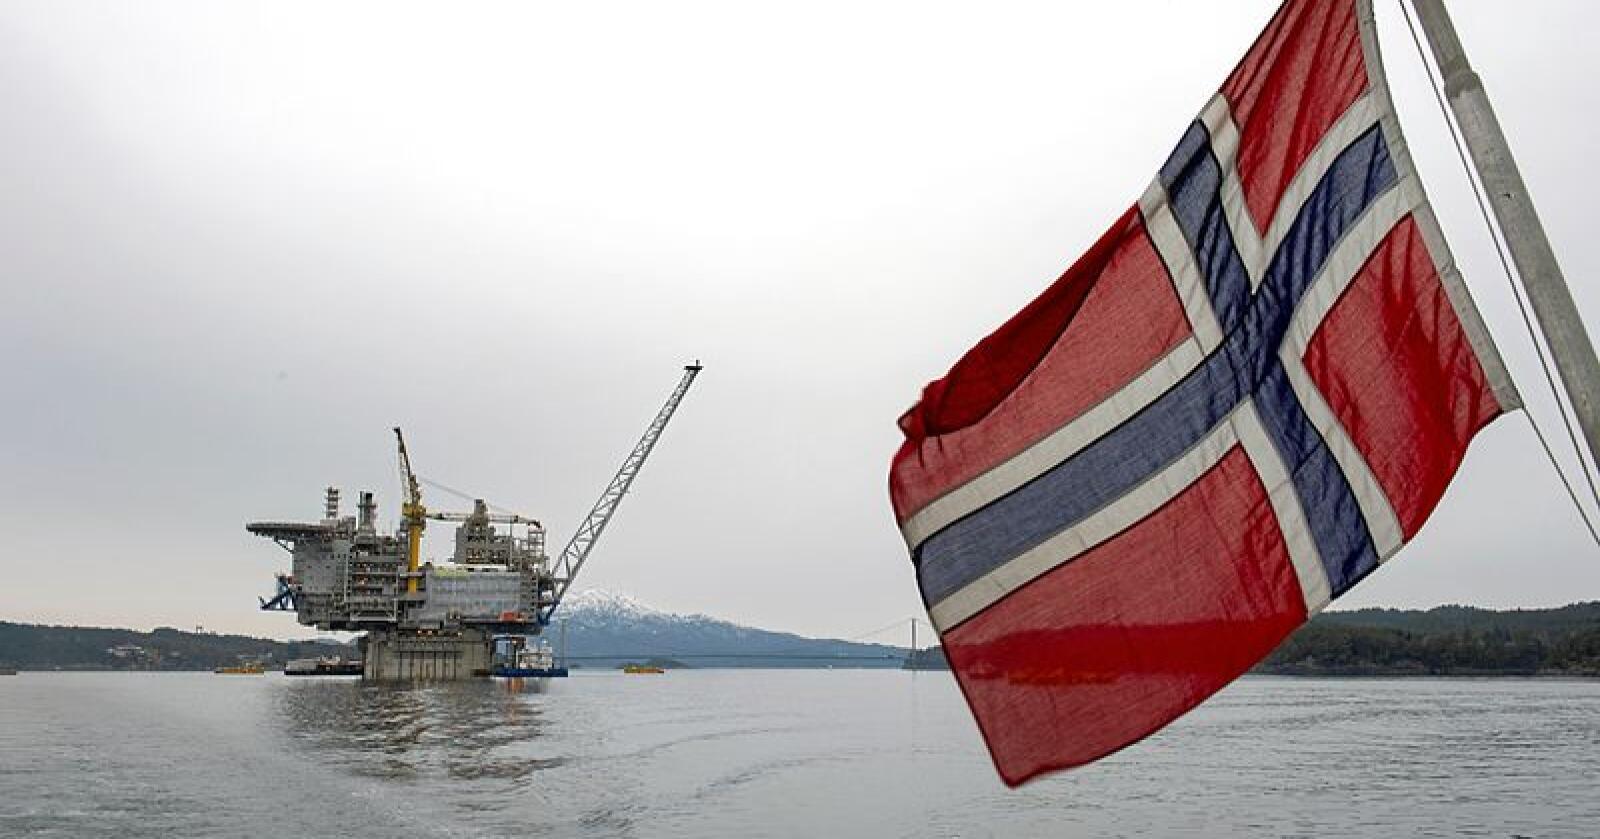 Stadig nye plattformer (her Aasta Hansteen) bygges ut til tross for at IEA har avlyst ny oljevirksomhet dersom Verden skal klare 1,5-gradersmålet. Foto: Marit Hommedal / NTB scanpix